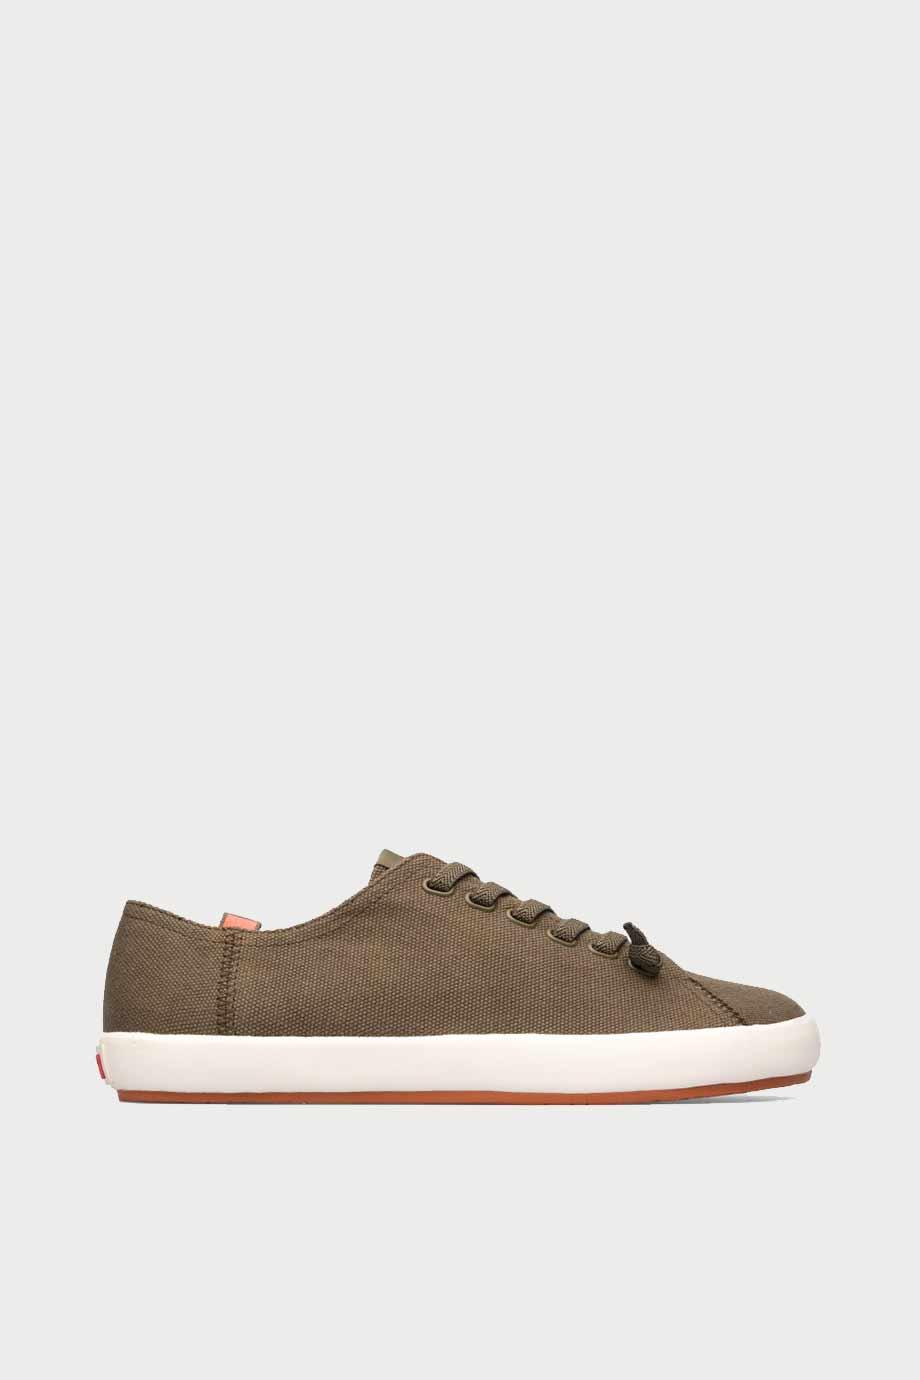 spiridoula metheniti shoes xalkida p Camper 18869 067 Peu Rambia Vulkanizac green 3